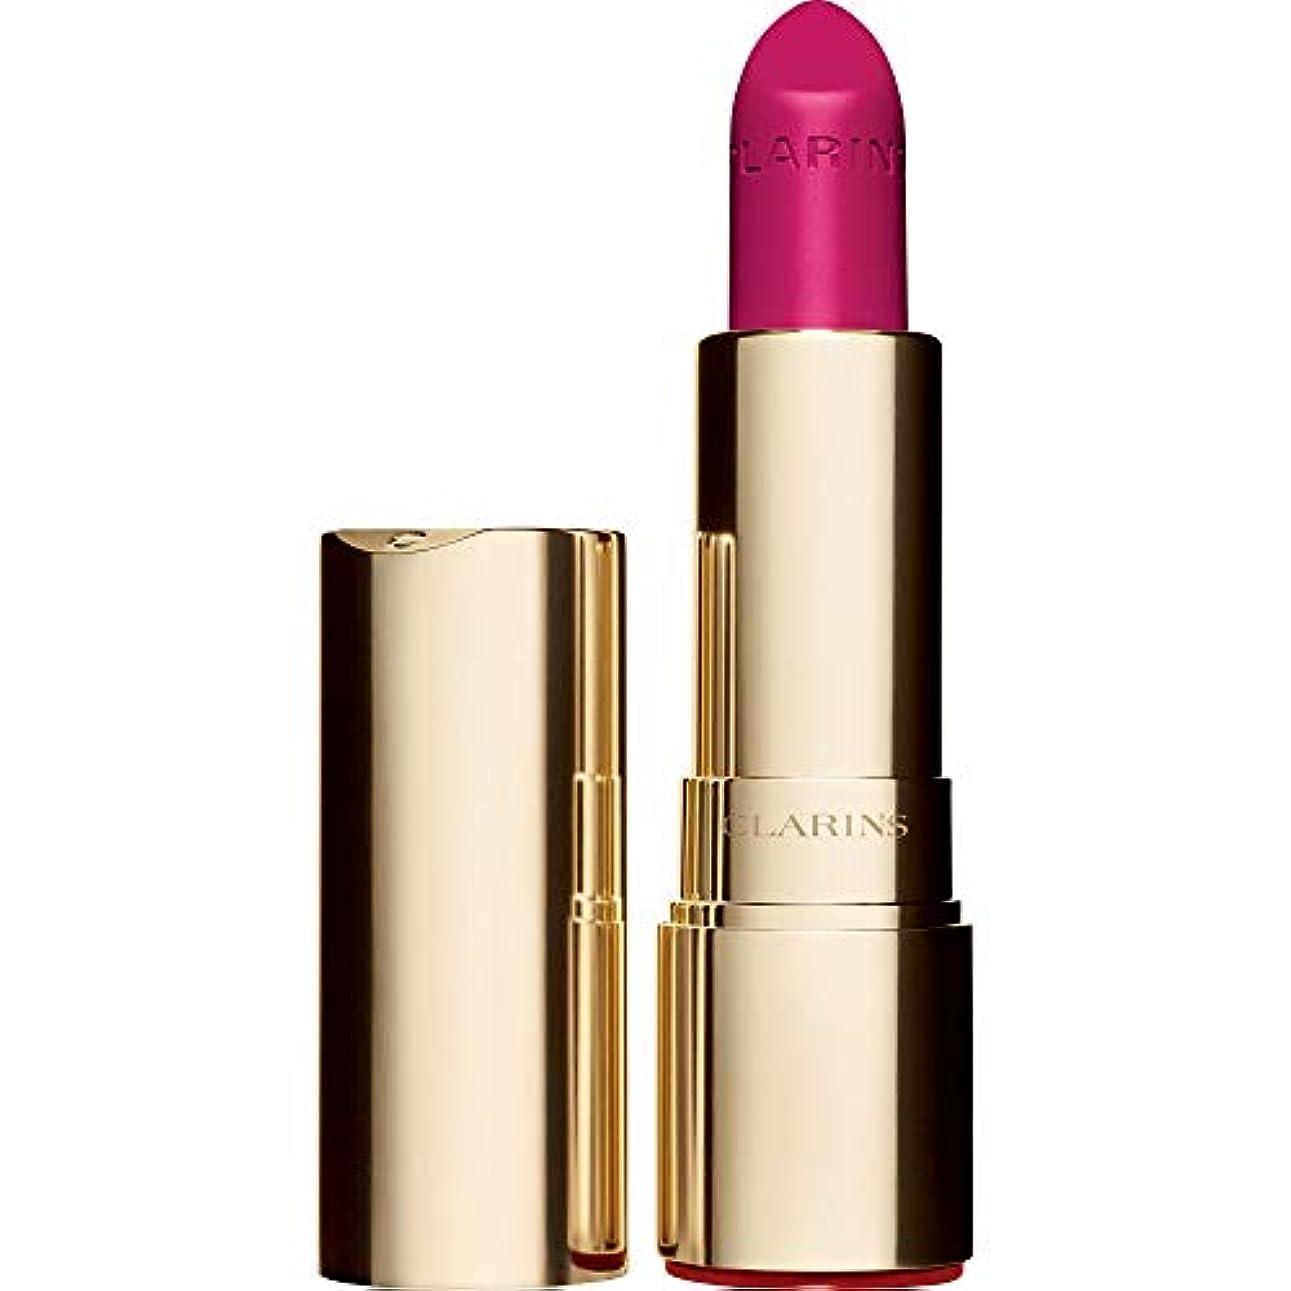 通路ピークやけど[Clarins ] クラランスジョリルージュのベルベットの口紅3.5グラムの713V - ホットピンク - Clarins Joli Rouge Velvet Lipstick 3.5g 713V - Hot Pink...